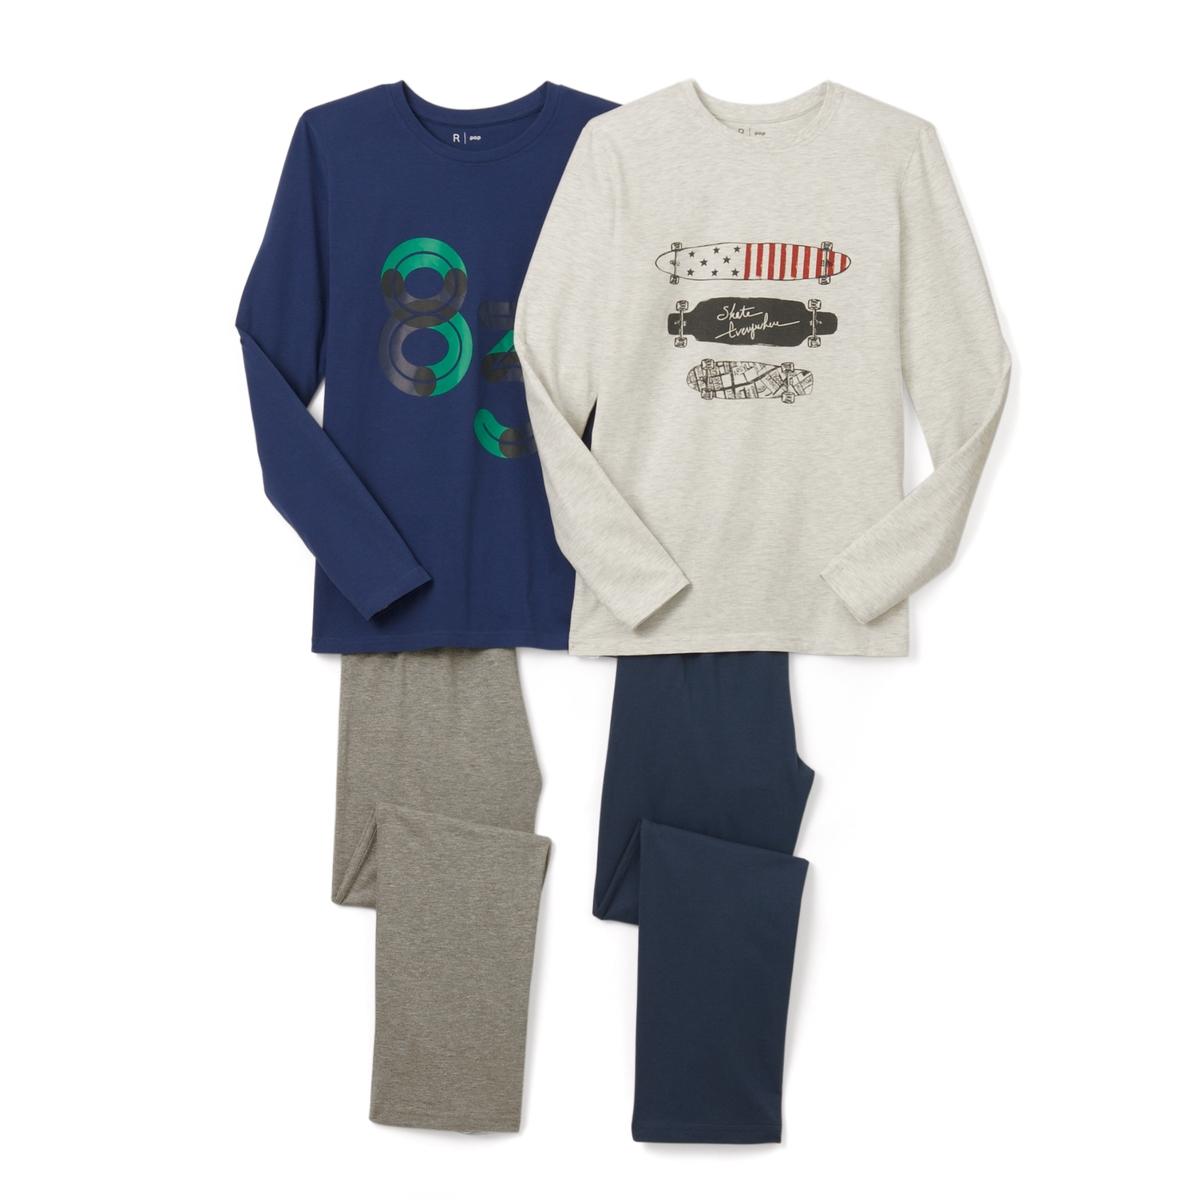 2 пижамы с принтом 10-16 летПижама: футболка с длинными рукавами и брюки. В комплекте 2 пижамы : Футболки с разными рисунками  . Брюки однотонные с эластичными поясами.Состав и описание :    Материал       Джерси 100% хлопок  (кроме цвета серый меланж: преимущественно из хлопка).  Уход: : - Машинная стирка при 30°C с вещами схожих цветов. Стирка и глажка с изнаночной стороны. Машинная сушка в умеренном режиме. Гладить на низкой температуре.<br><br>Цвет: синий/светло-серый меланж<br>Размер: 10 лет - 138 см.16 лет - 174 см.14 лет - 162 см.12 лет -150 см